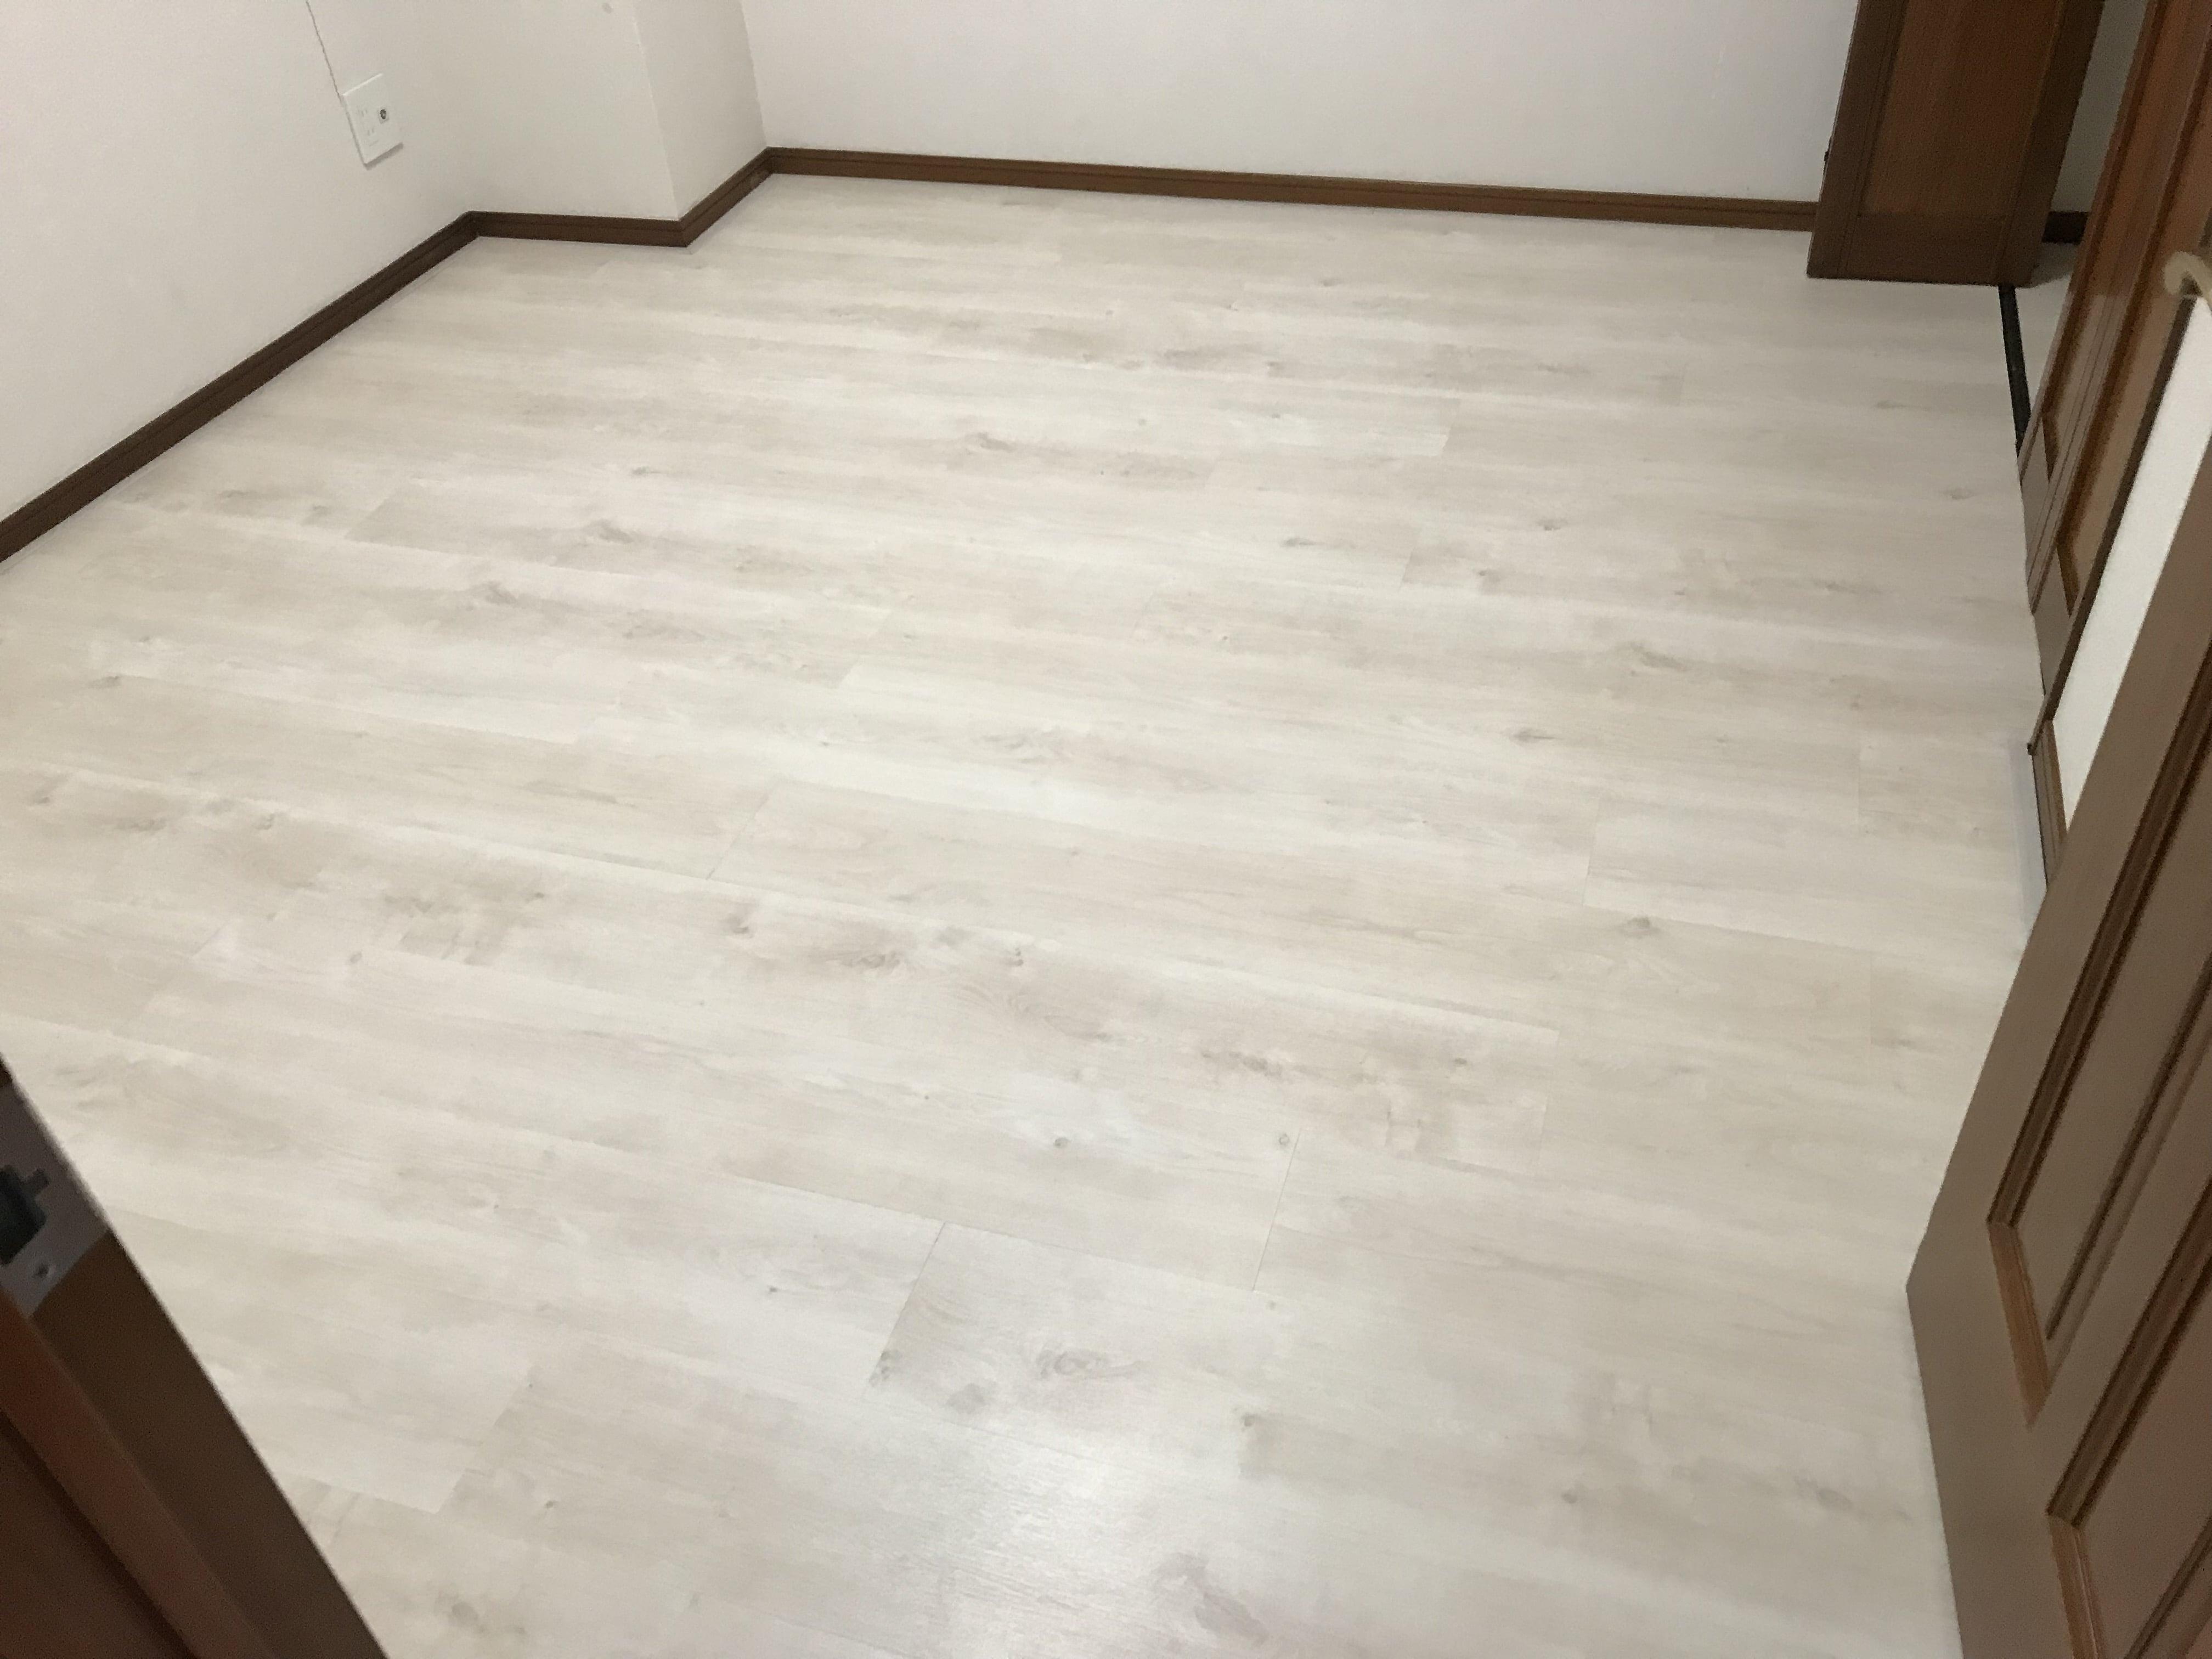 リフォーム用上張り床材の施工(マンションでの短期間施工可能)のイメージその1